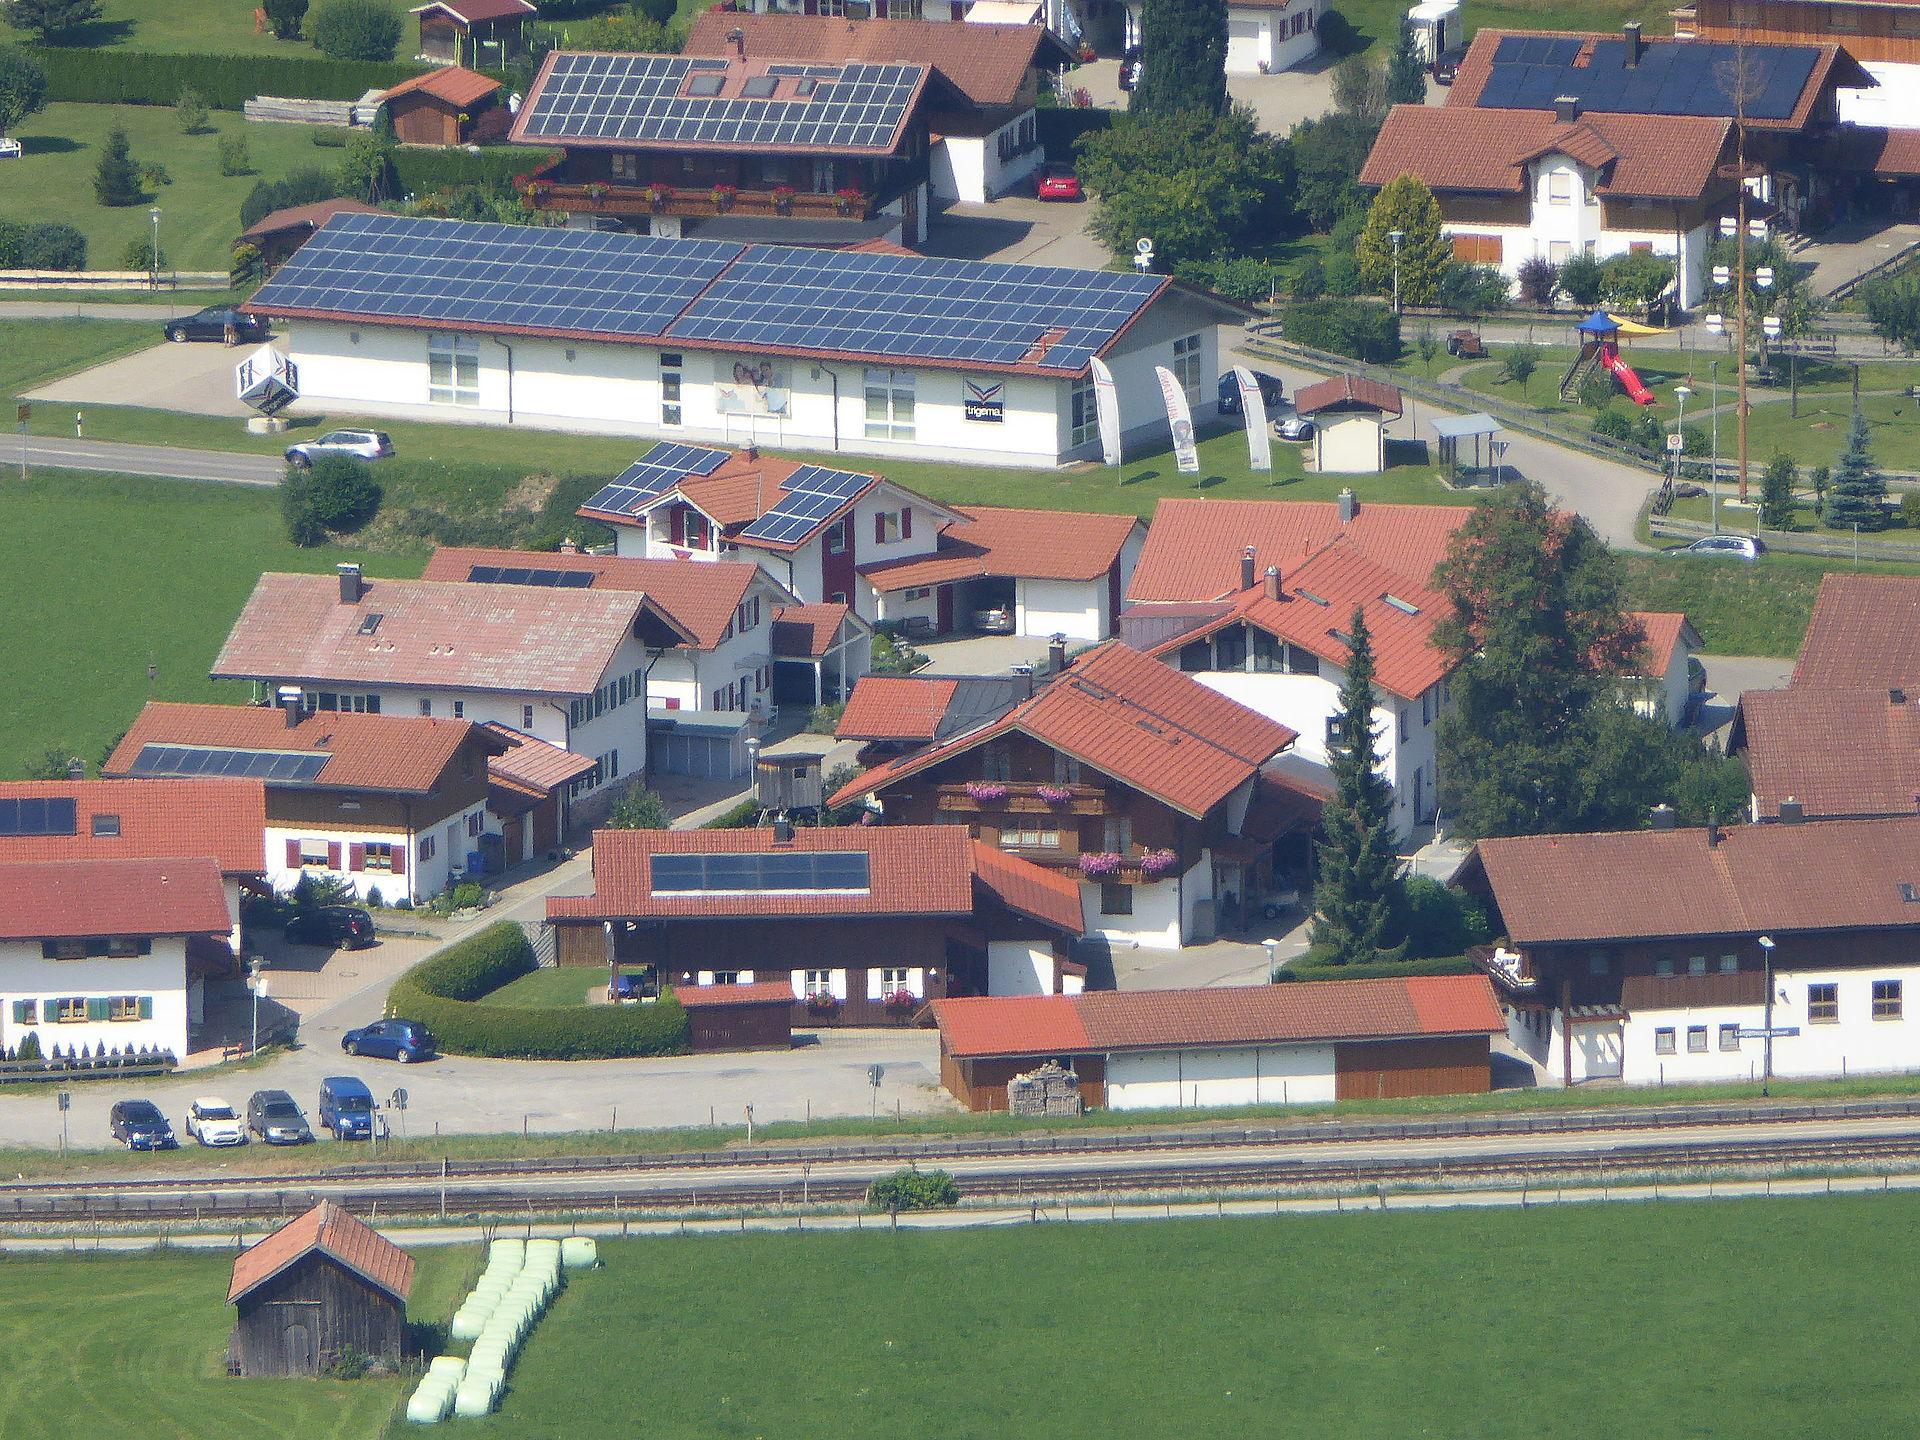 20150807_xl_P1010973_Erneuerbare_Energien_in_Oberstdorf_Photovoltaik-Solaranlagen